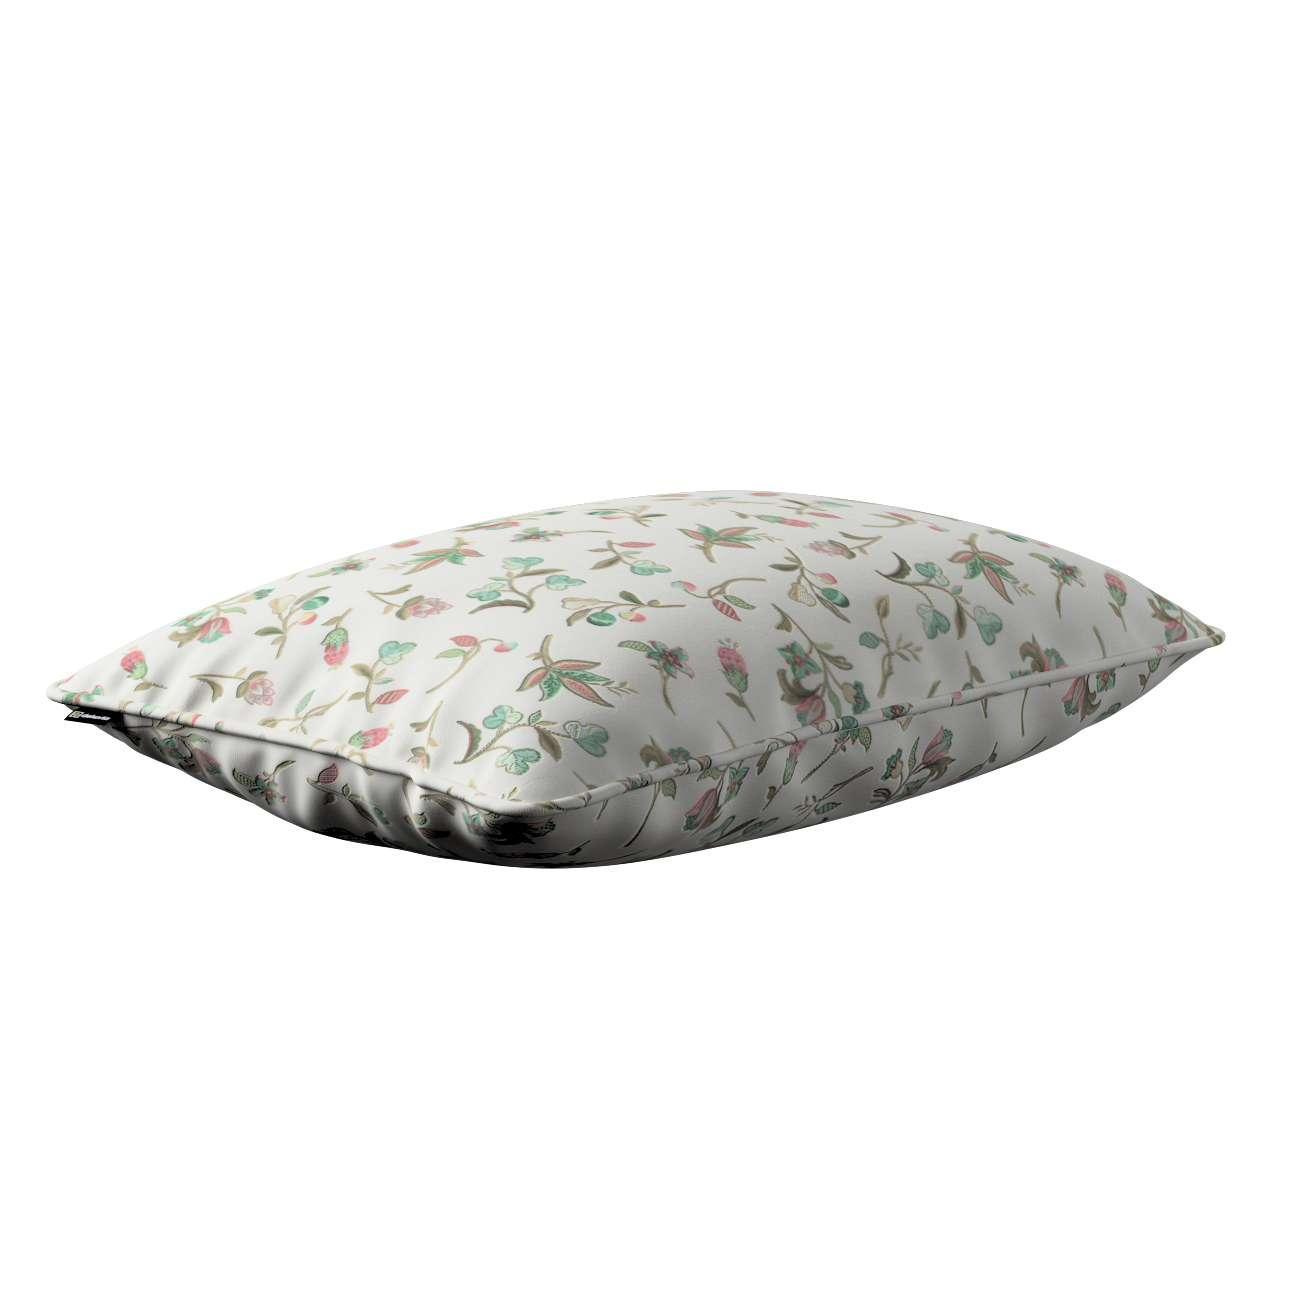 Poszewka Gabi na poduszkę prostokątna 60 x 40 cm w kolekcji Londres, tkanina: 122-02